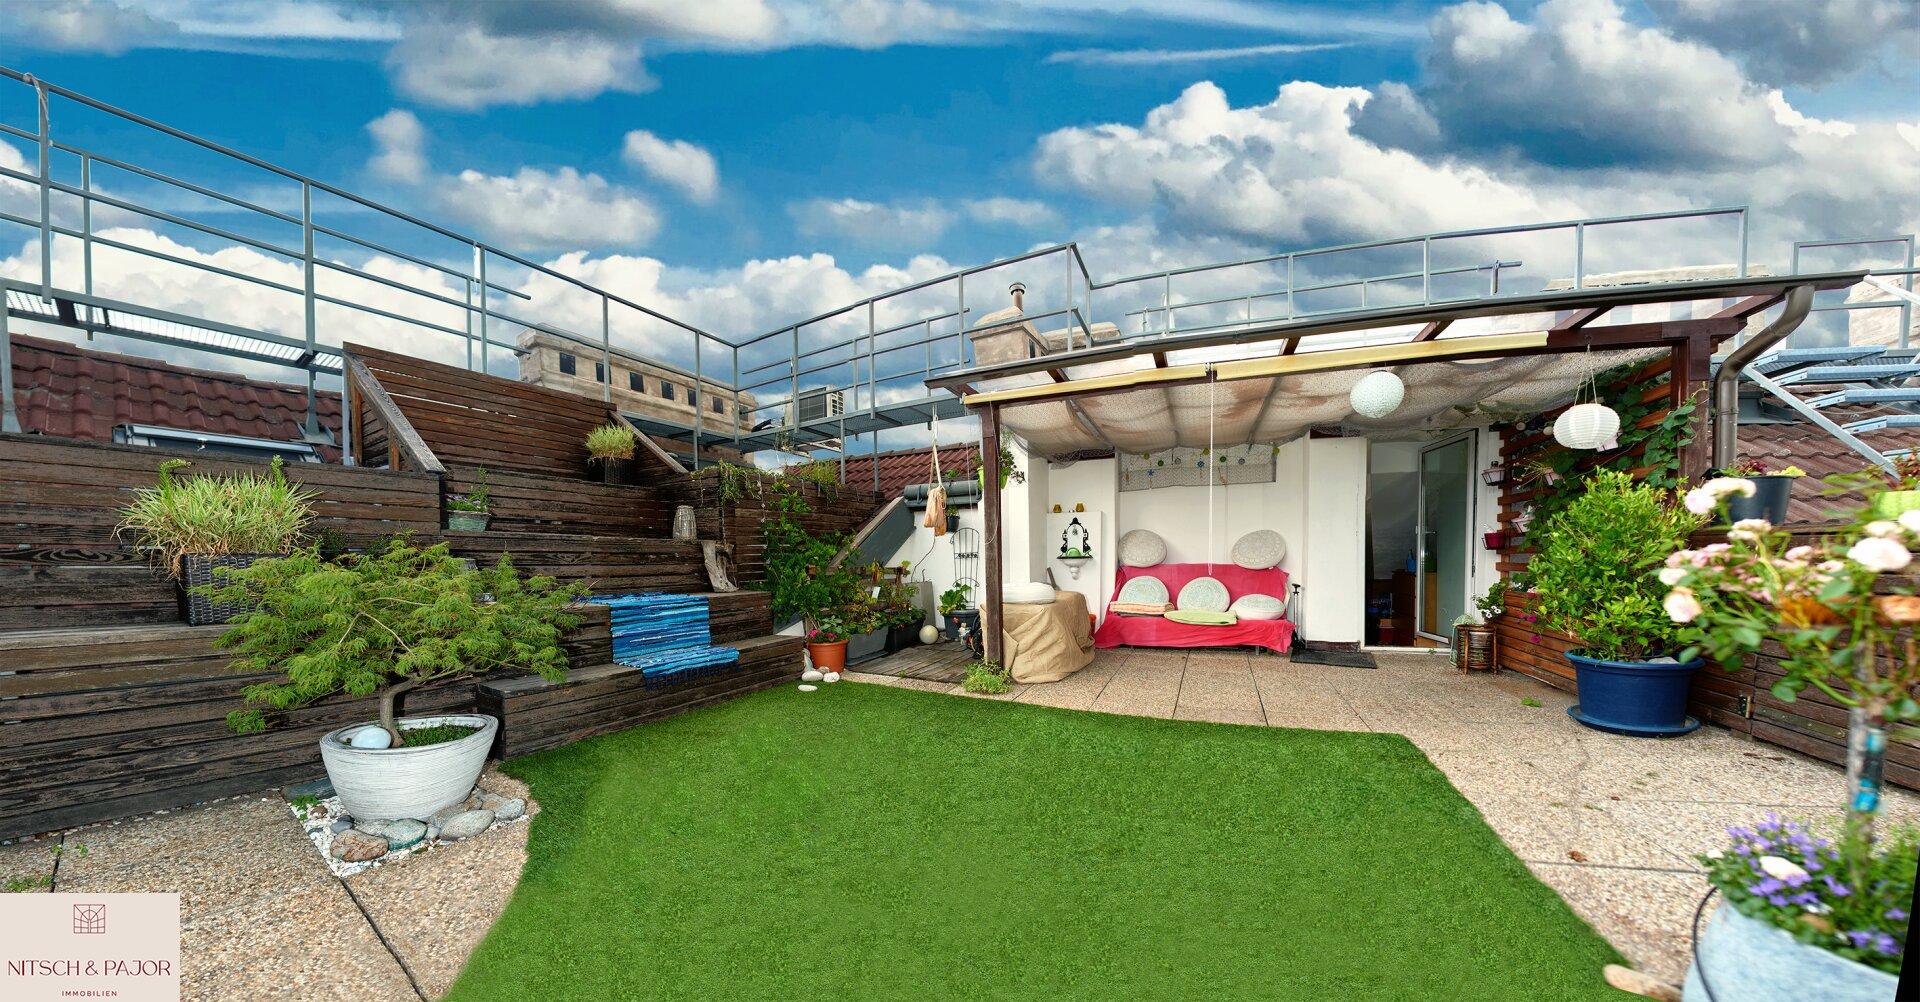 Dachterrasse im Sommer